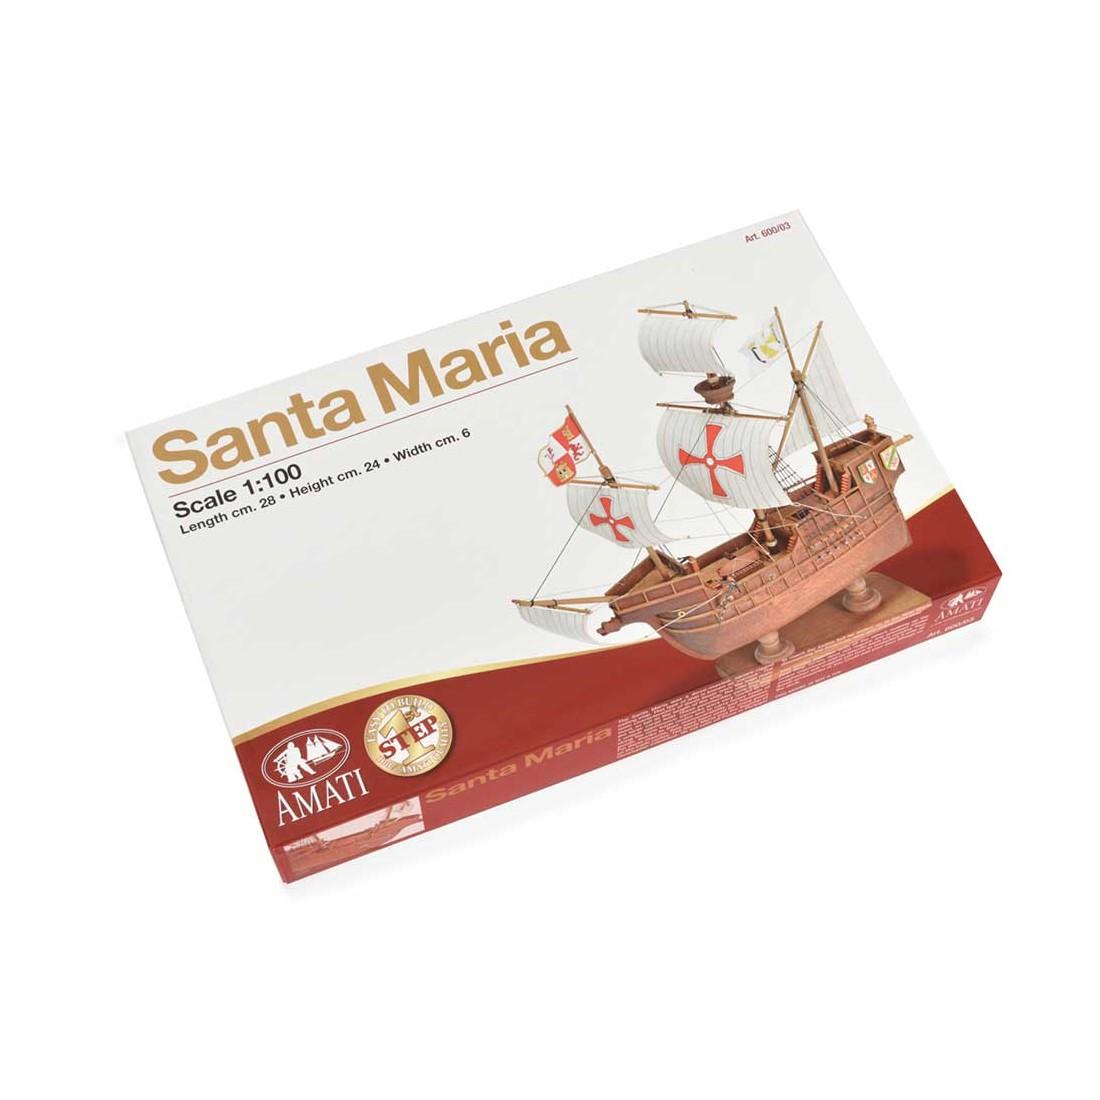 Santa Maria- First Step